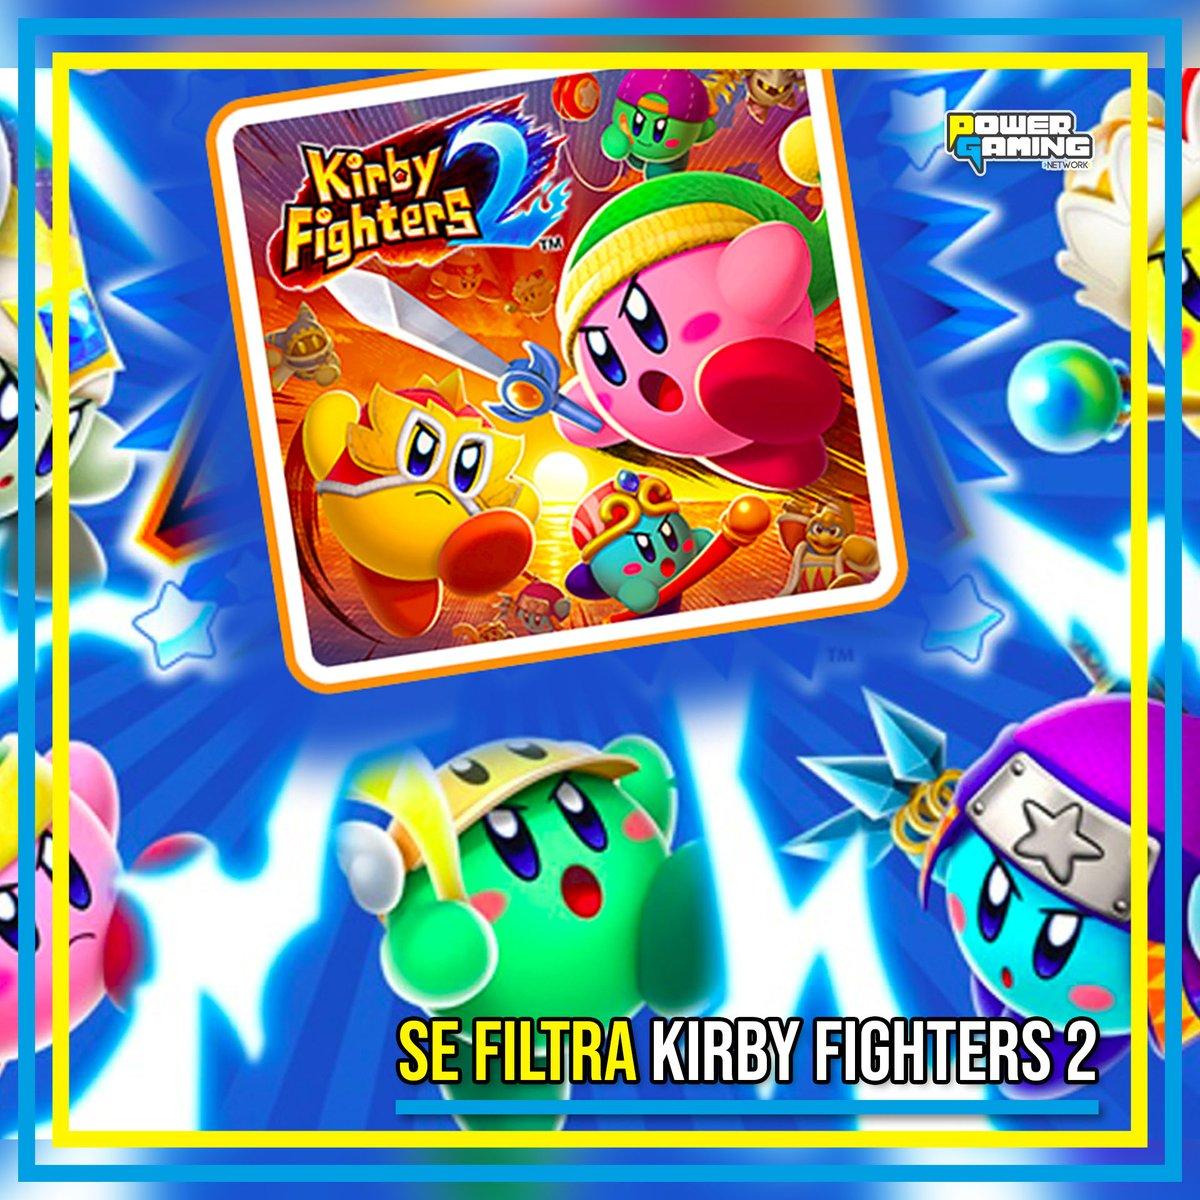 Nintendo filtra por error la existencia de Kirby Fighters 2. Conoce todos los detalles en https://t.co/ur9DST2F1M #kirby #nintendo #kirbyfighters2 #nintendoswitch #mobilegaming #videogames #gaming #videojuegos #powergamingnetwork #pgn https://t.co/1yEq6Pdgbp